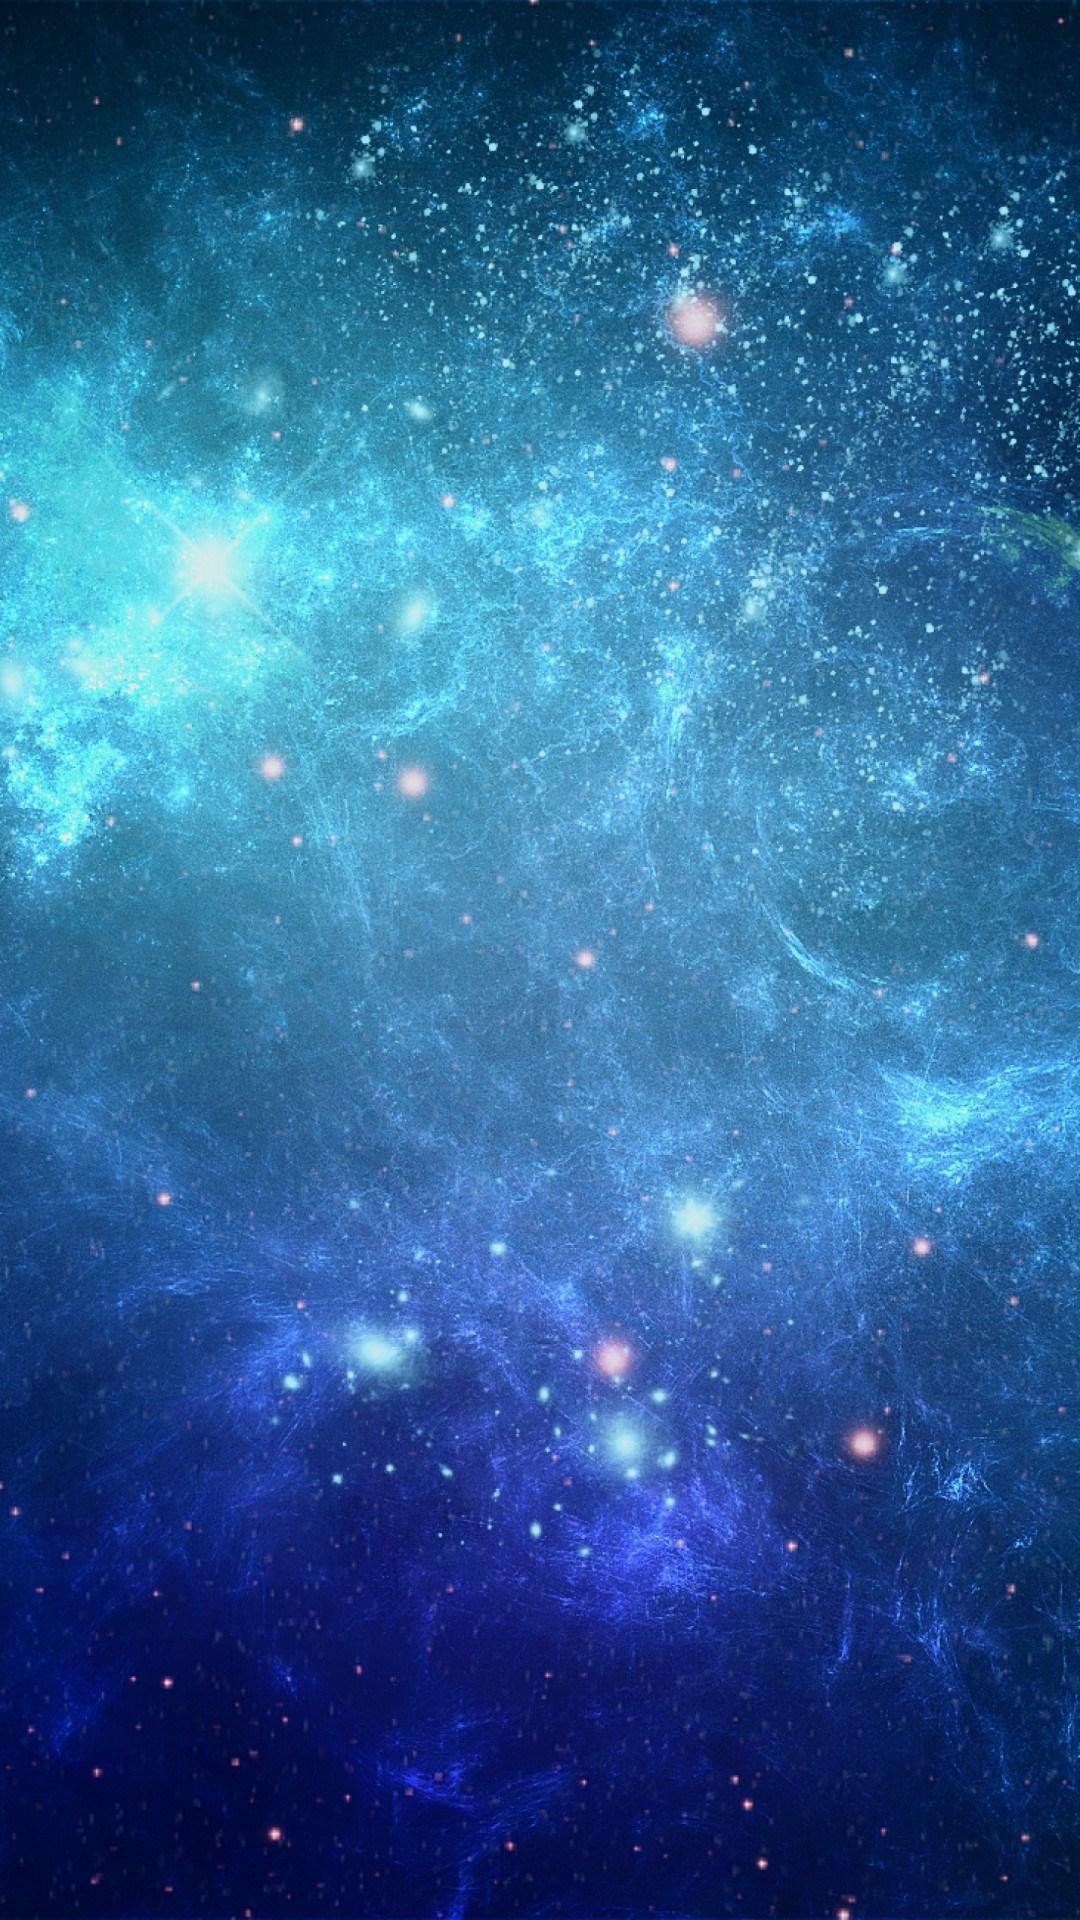 Fondos del espacio y el universo para celular android e for Immagini universo gratis